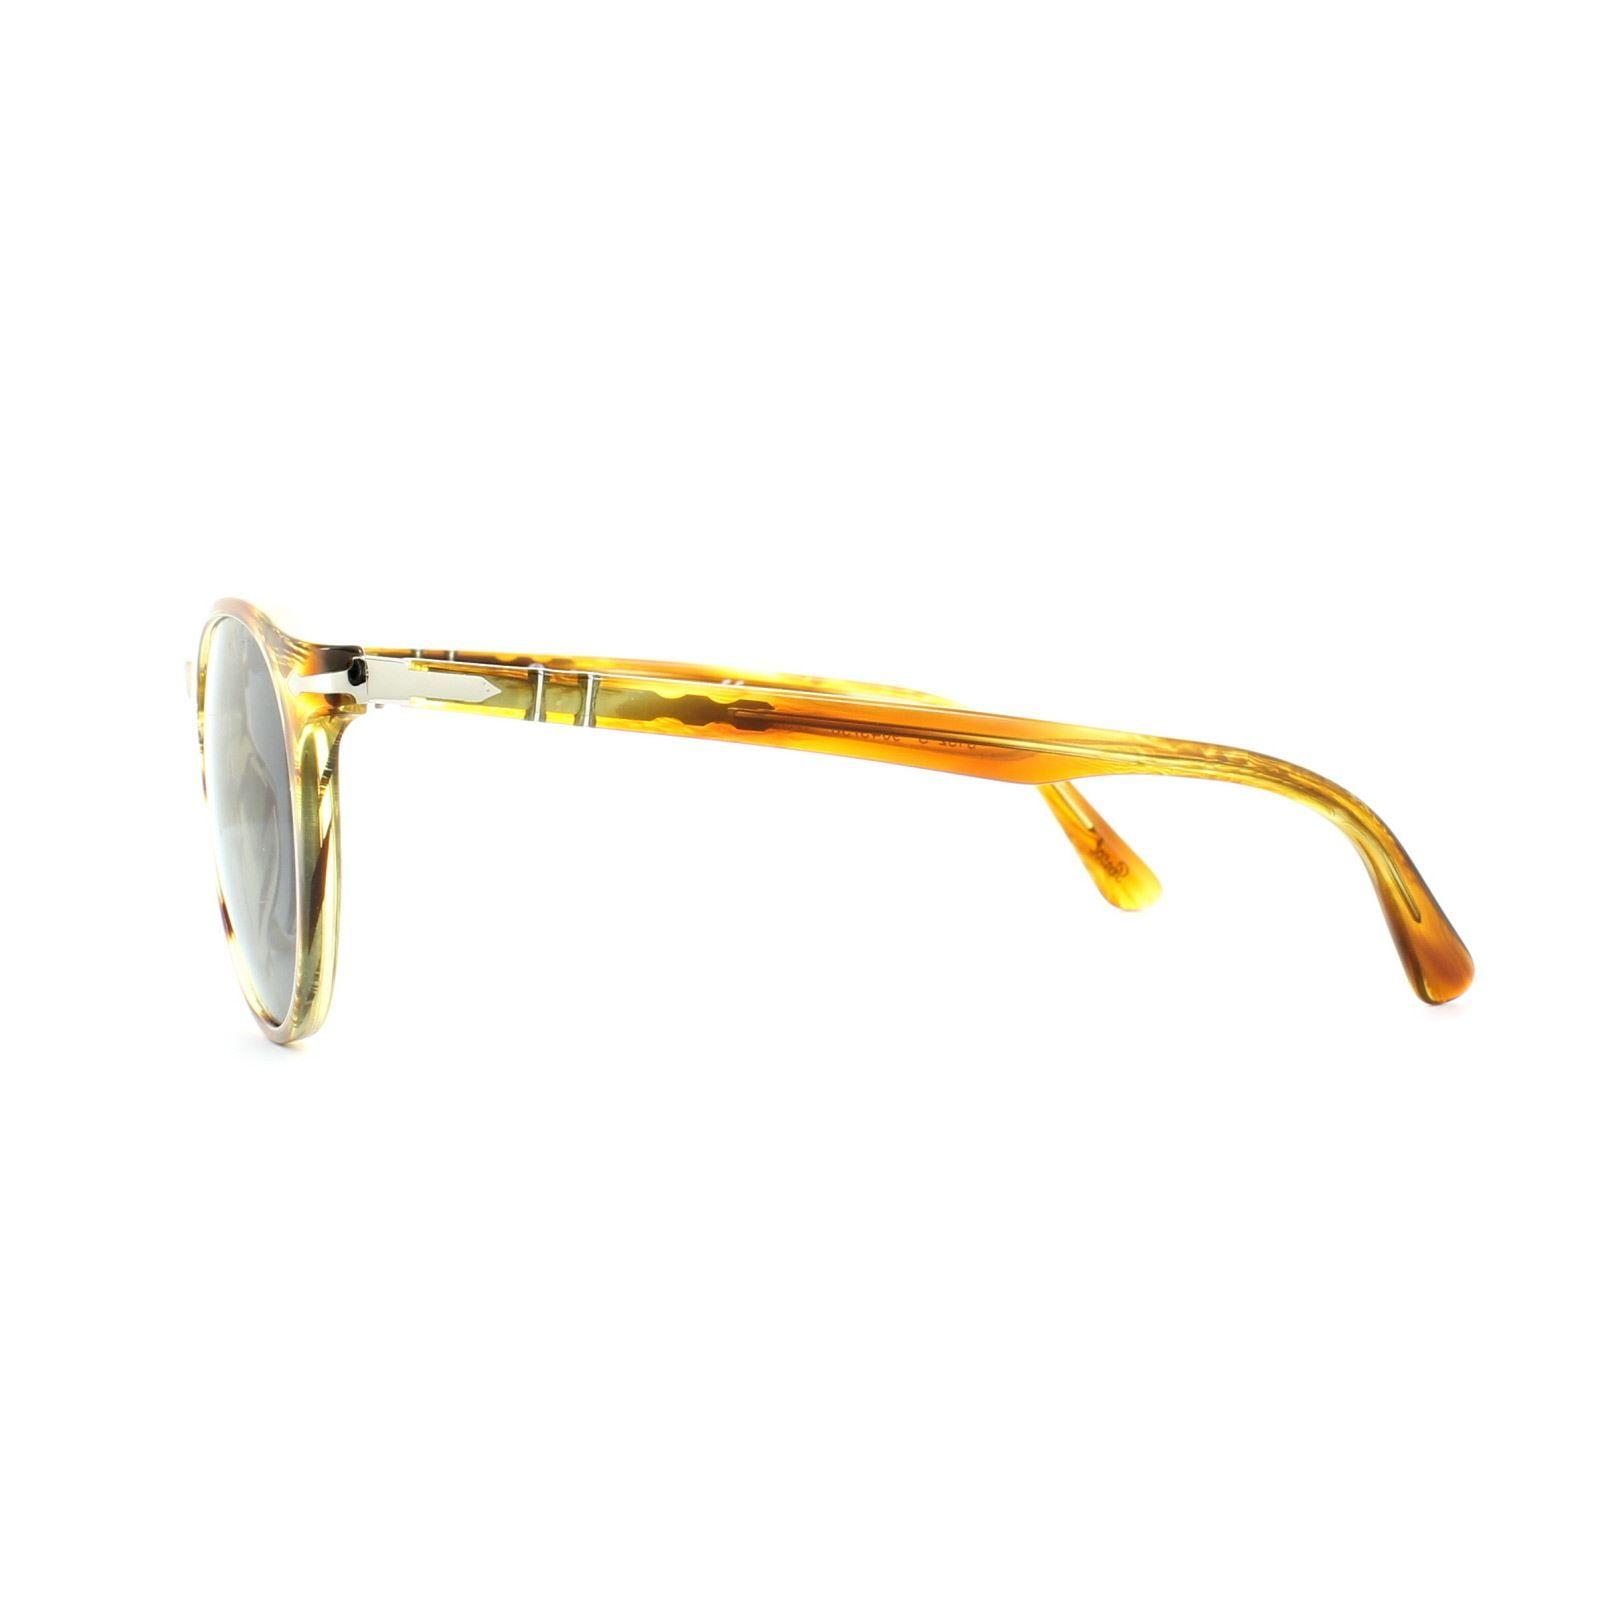 Persol Sunglasses 3152 9043/56 Brown Striped Yellow Blue Anti-Glare